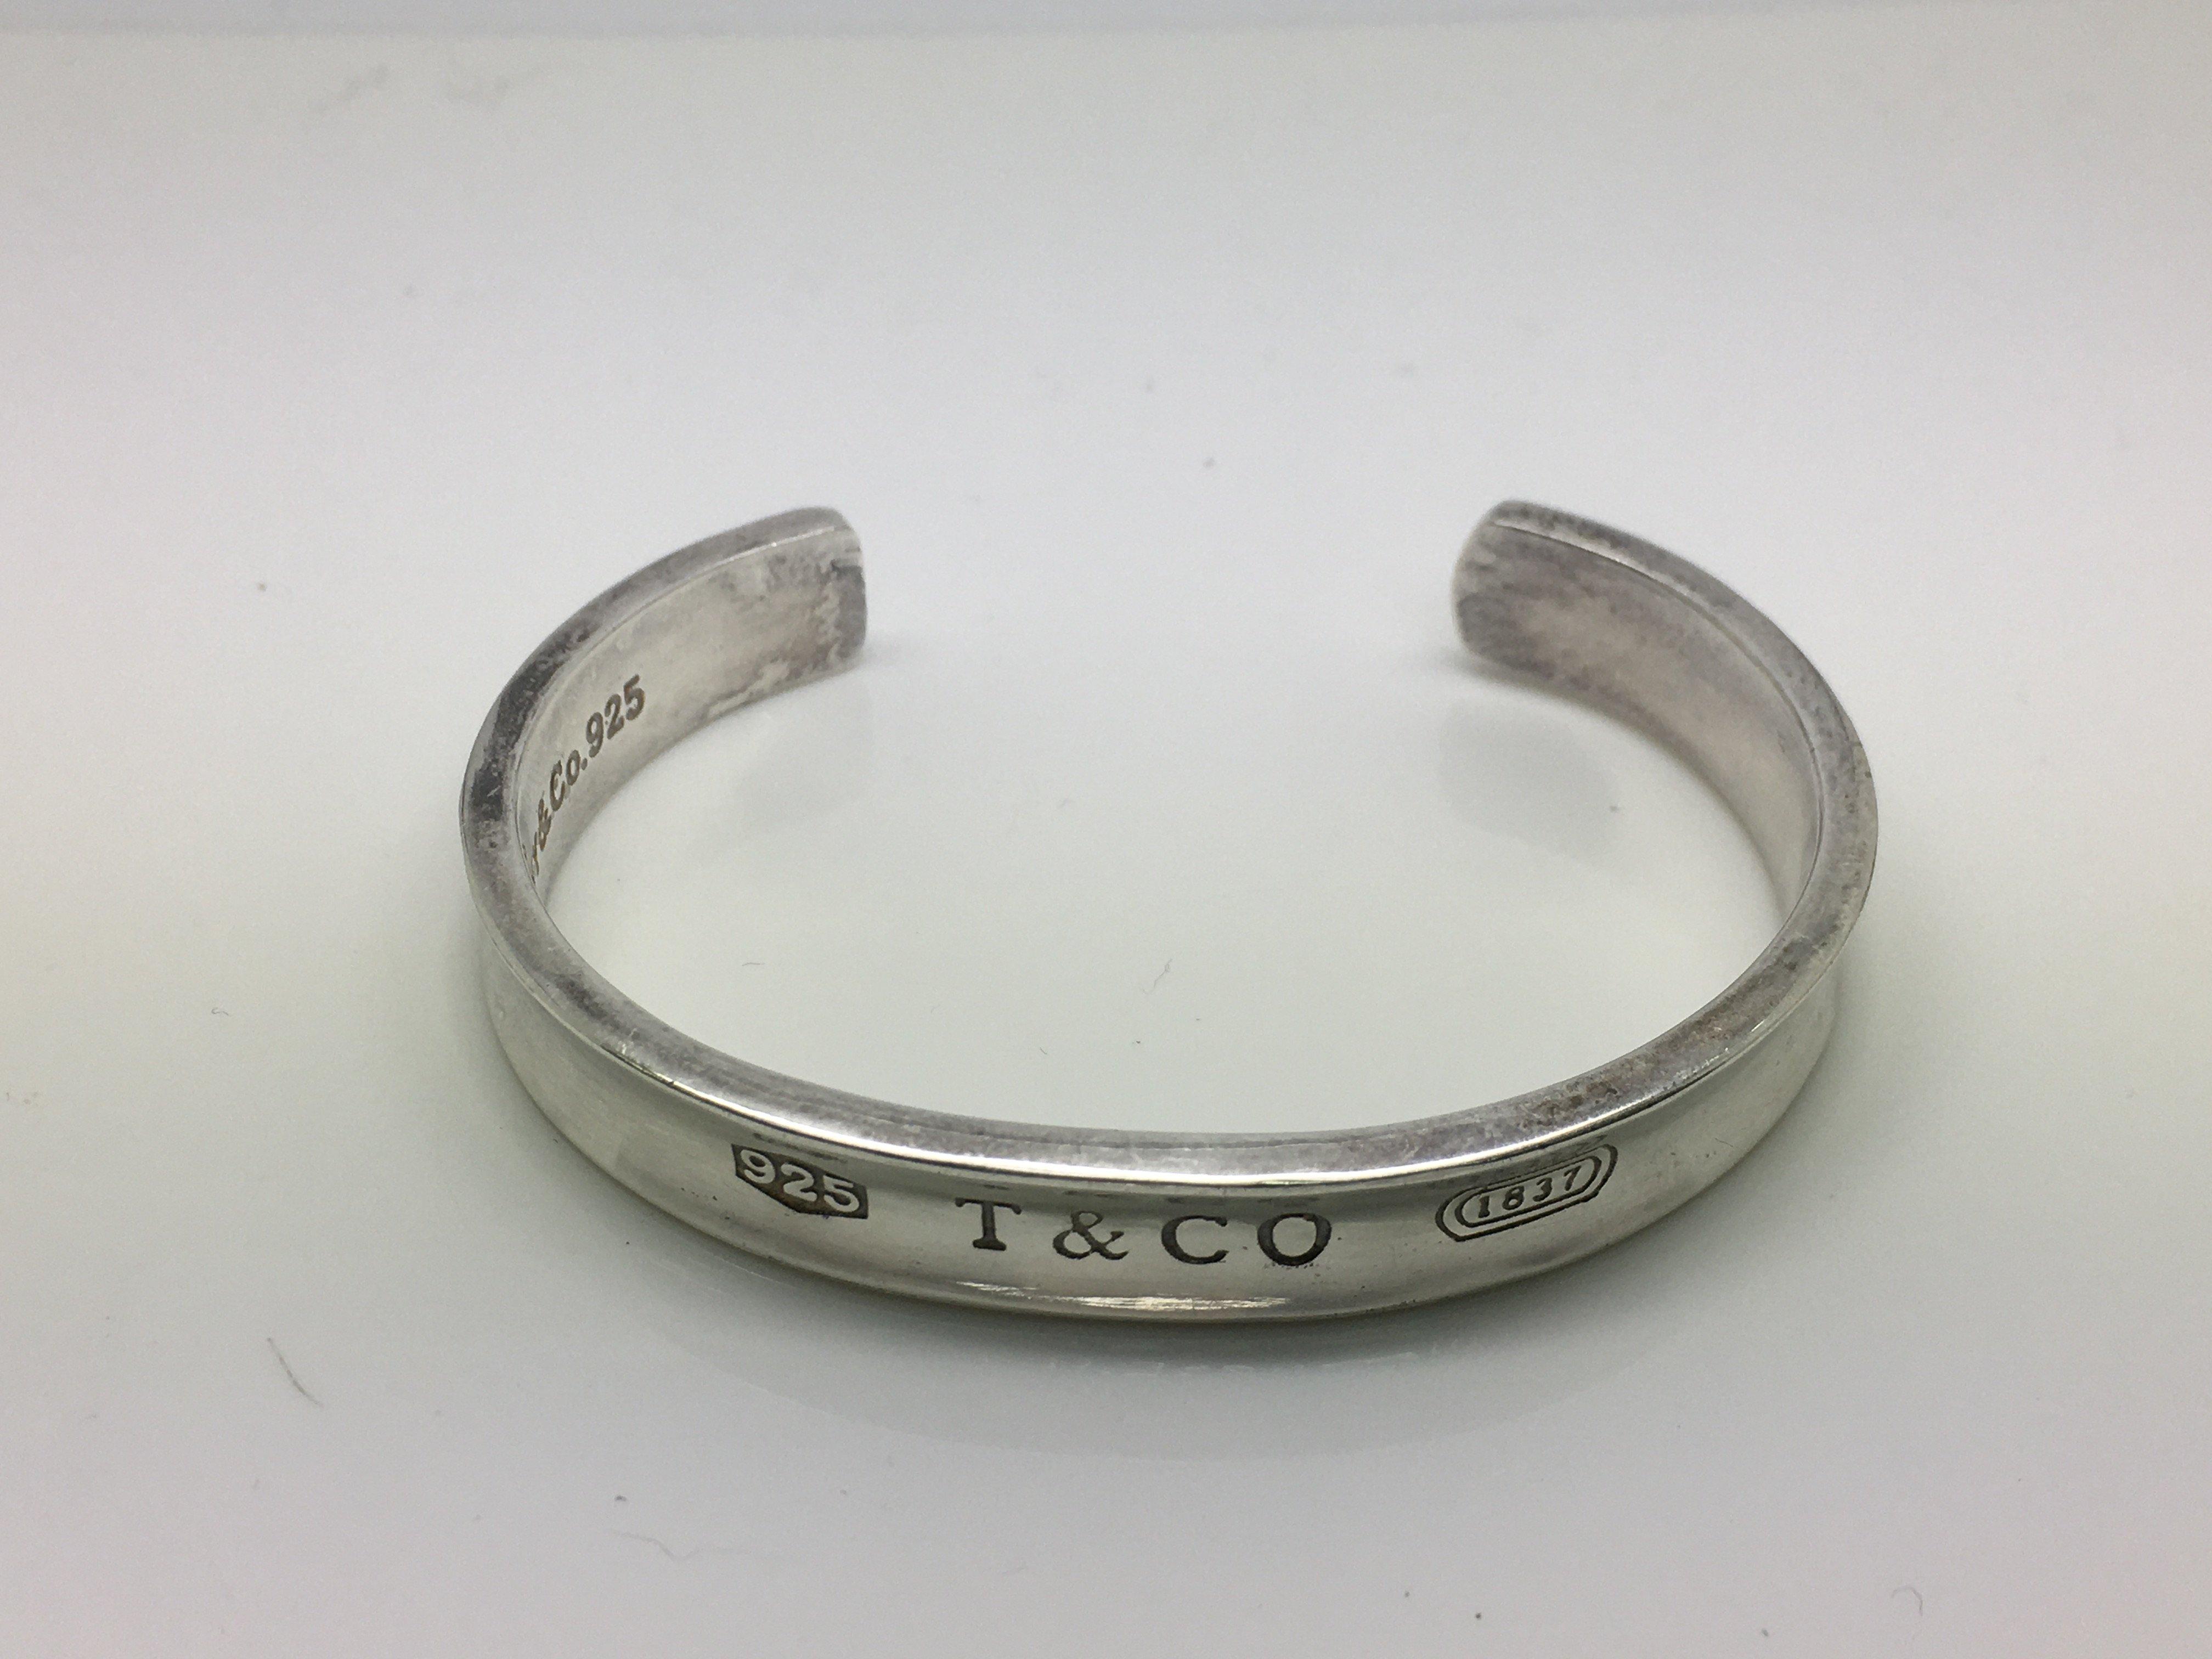 Lot 18 - A Tiffany & Co sterling silver cuff bangle.